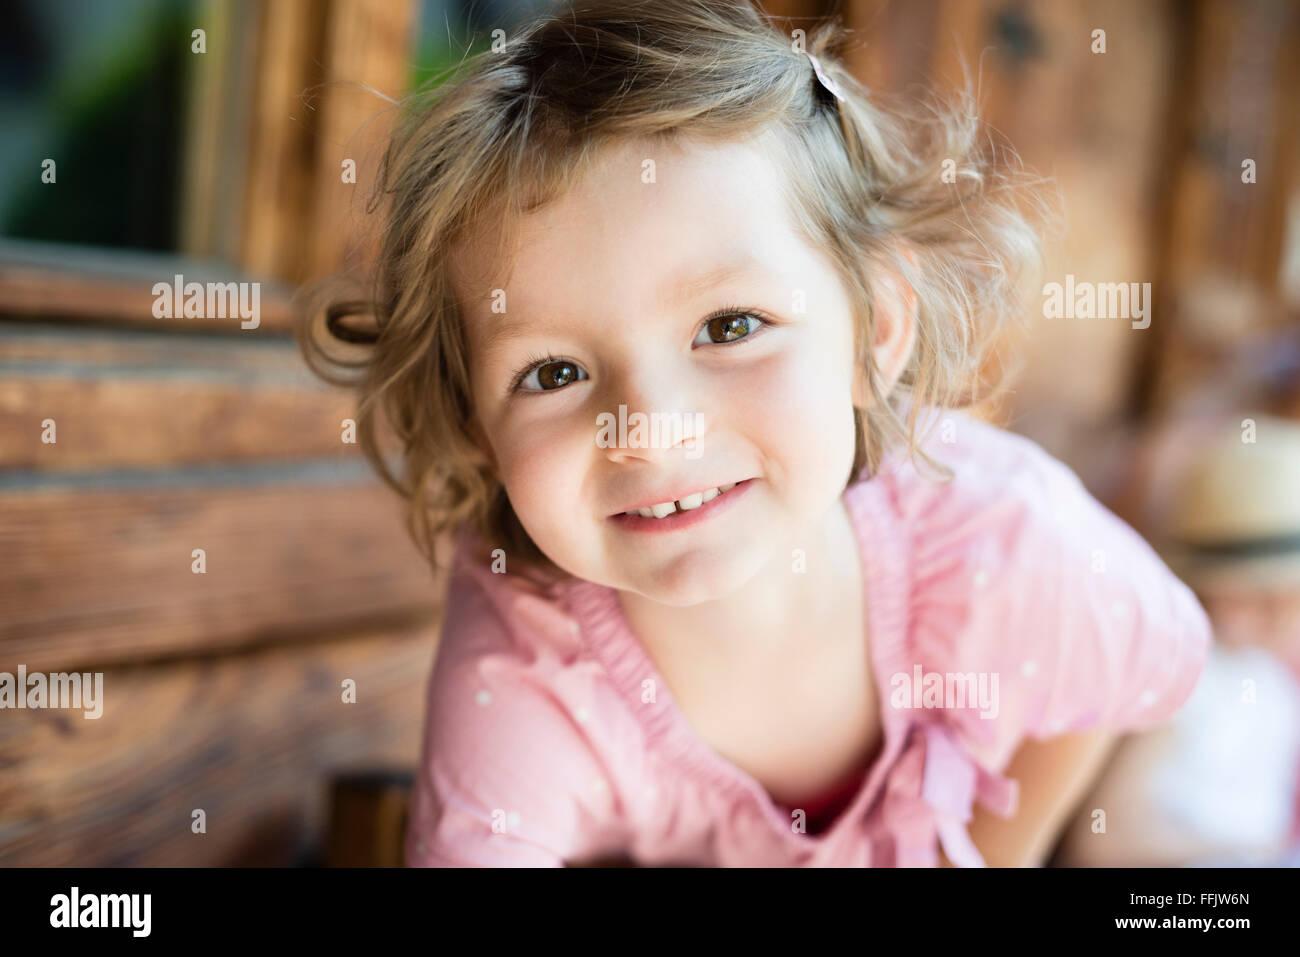 Ritratto di bambina con capelli biondi Immagini Stock